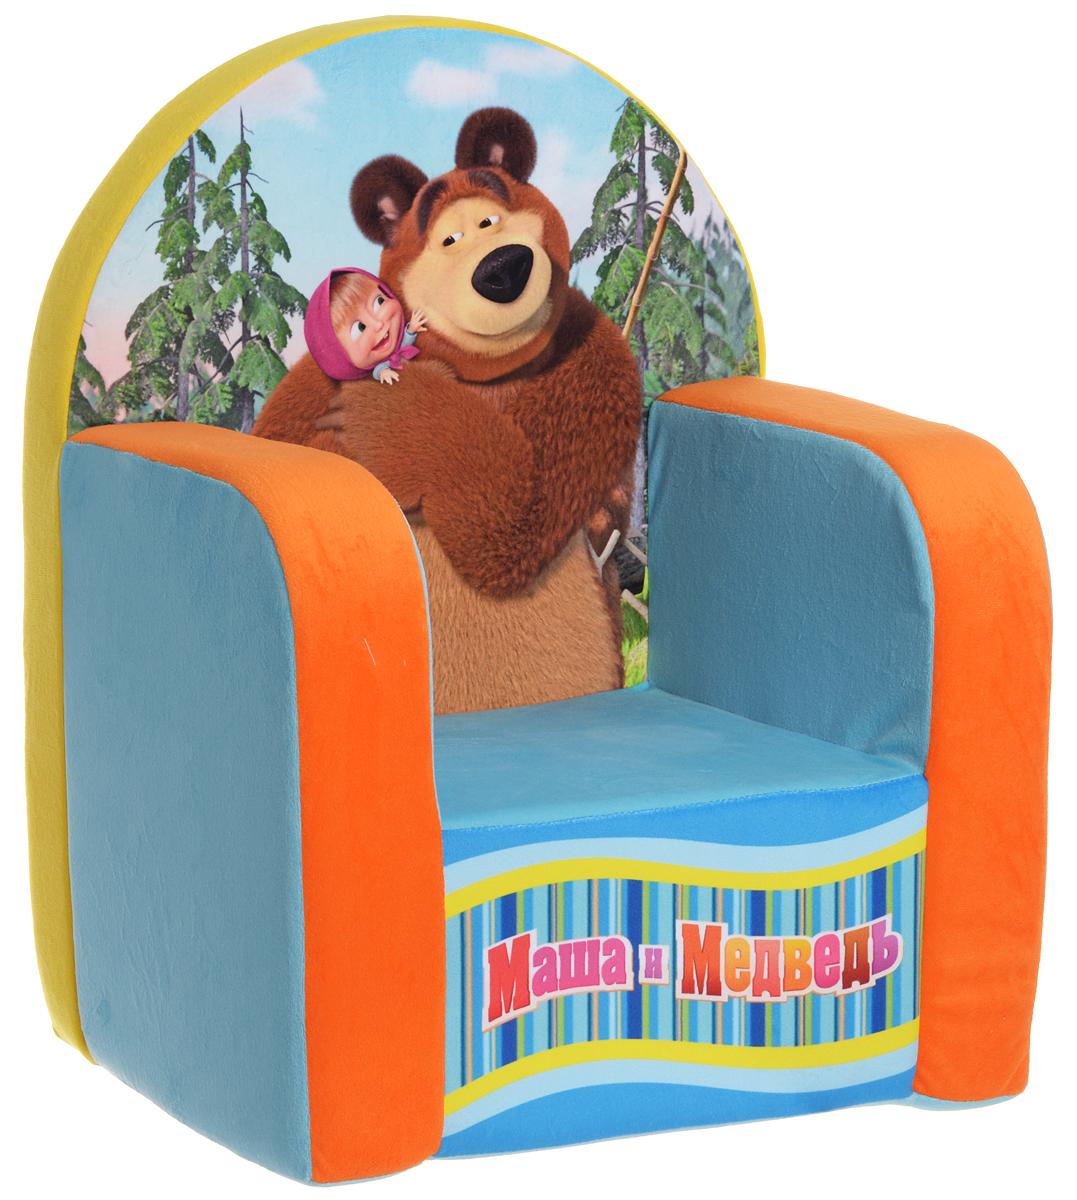 СмолТойс Мягкая игрушка Кресло Маша и Медведь 54 см1724/ГЛ-1Мягкая игрушка СмолТойс Кресло Маша и Медведь идеально впишется в интерьер детской комнаты.Мягкая игрушка выполнена в виде кресла и изготовлена с учетом размеров тела ребенка. Устойчивость кресла обеспечивается широкой площадью соприкосновения с полом. Мягкое кресло не имеет деревянных и прочих жестких вставок, поэтому вы можете быть спокойны за безопасность вашего малыша. А еще кресло особенно понравится тем малышам, которые обожают мультфильмы про Машу и Медведя.Ваш ребенок будет в восторге от такого подарка!